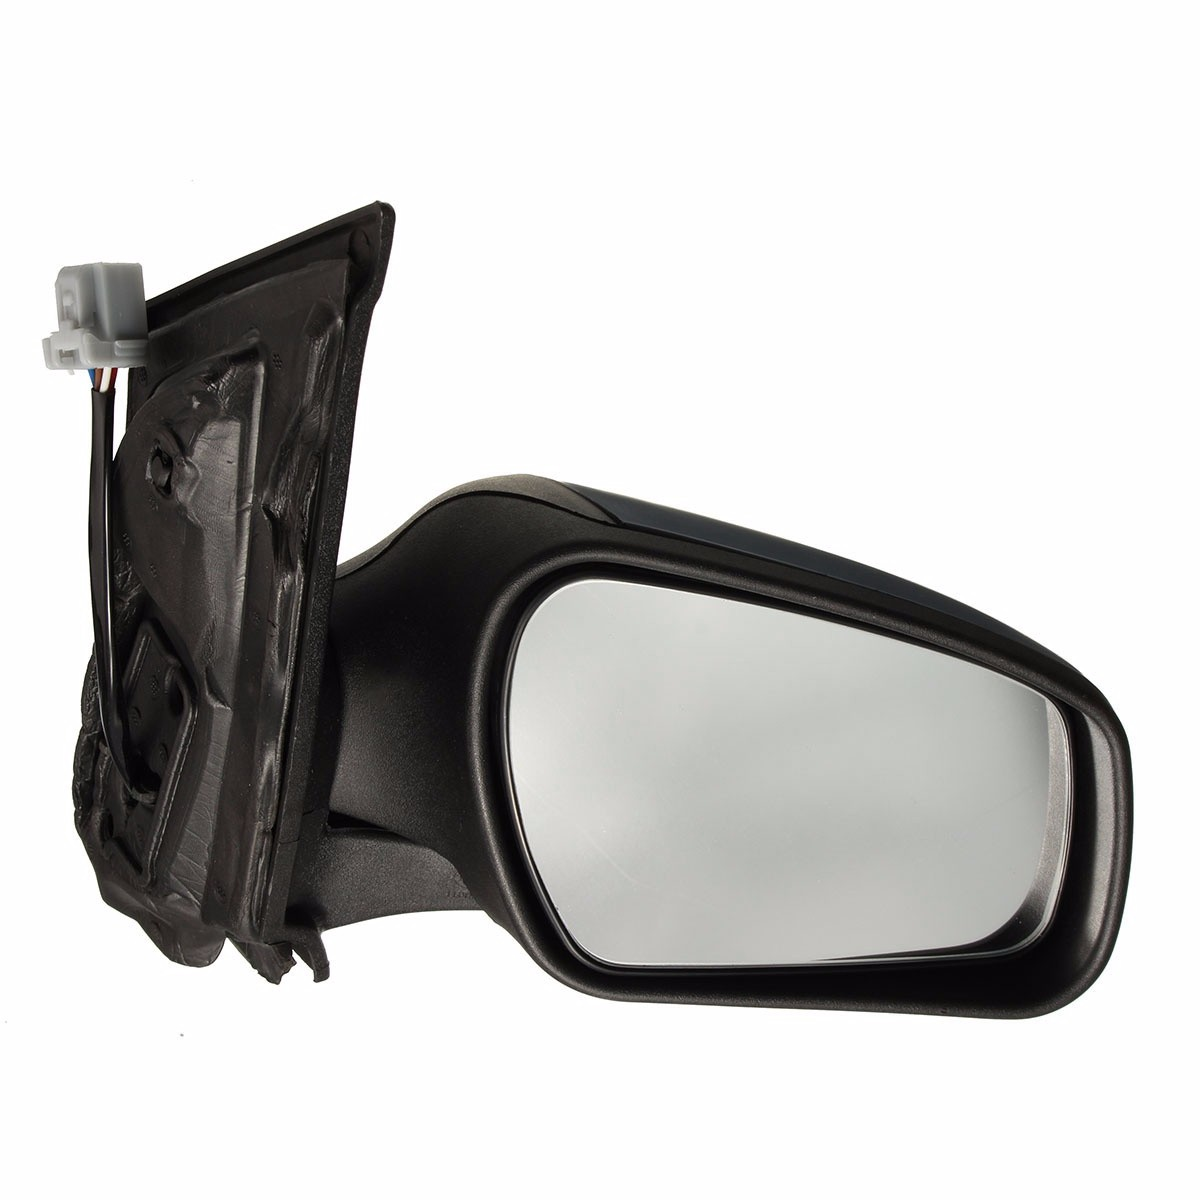 Pour Ford voiture porte côté droit électrique aile miroir verre électrique rétroviseur pour Focus MK2 2004 2005 2006 2007 2008